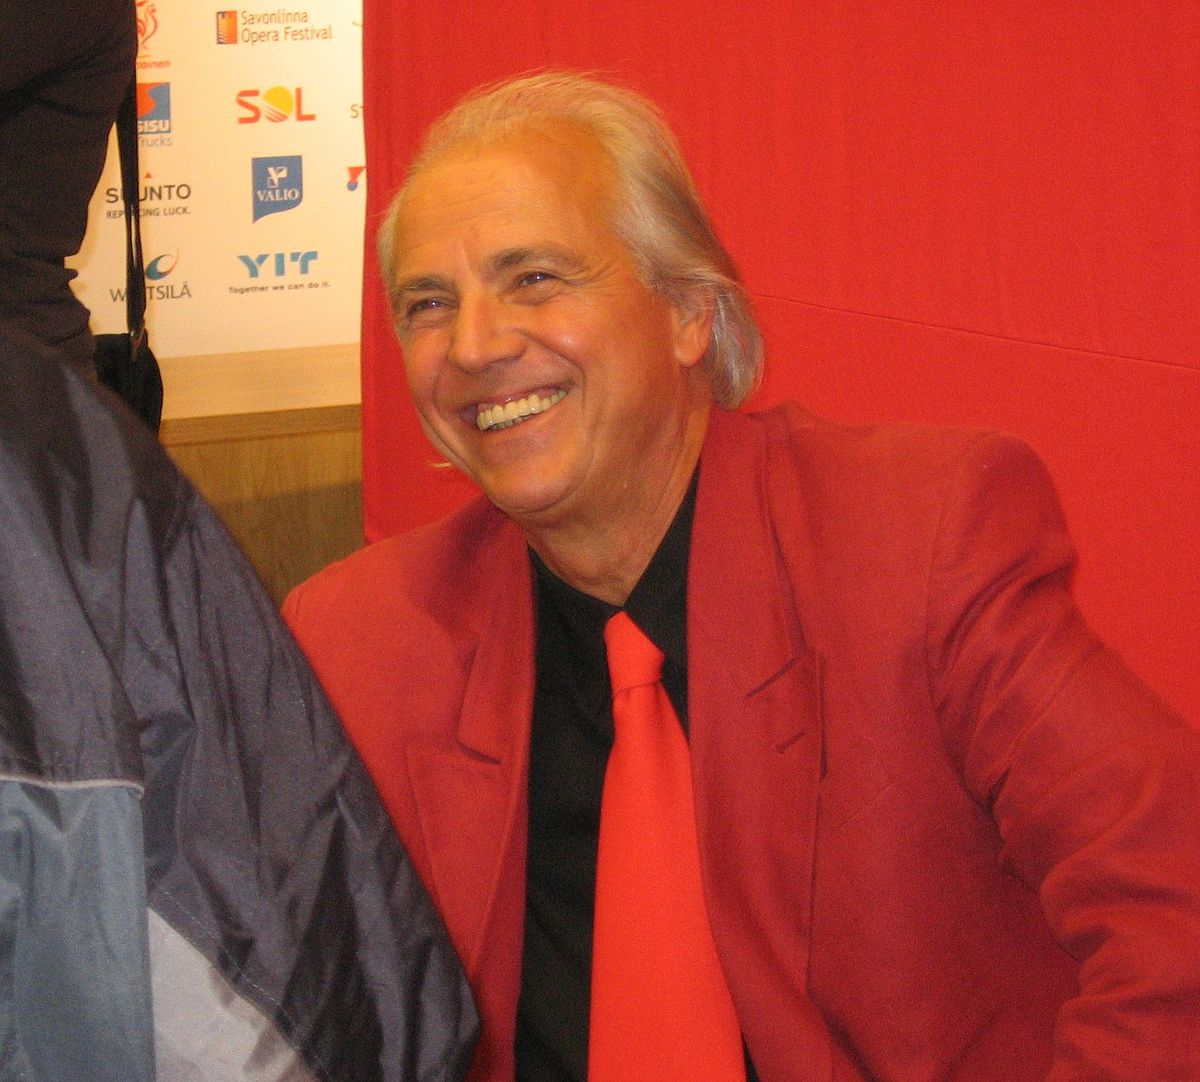 Marco Rota - Wikipedia